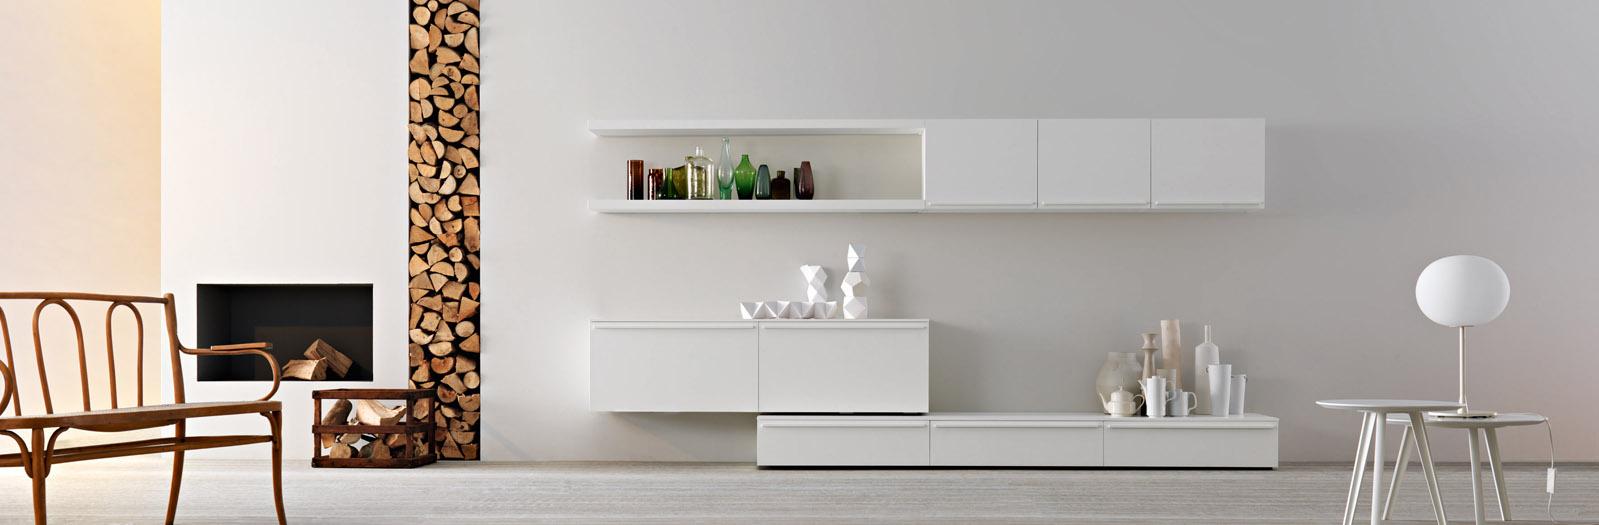 Best Soggiorno Moderno Bianco Contemporary - House Design Ideas 2018 ...